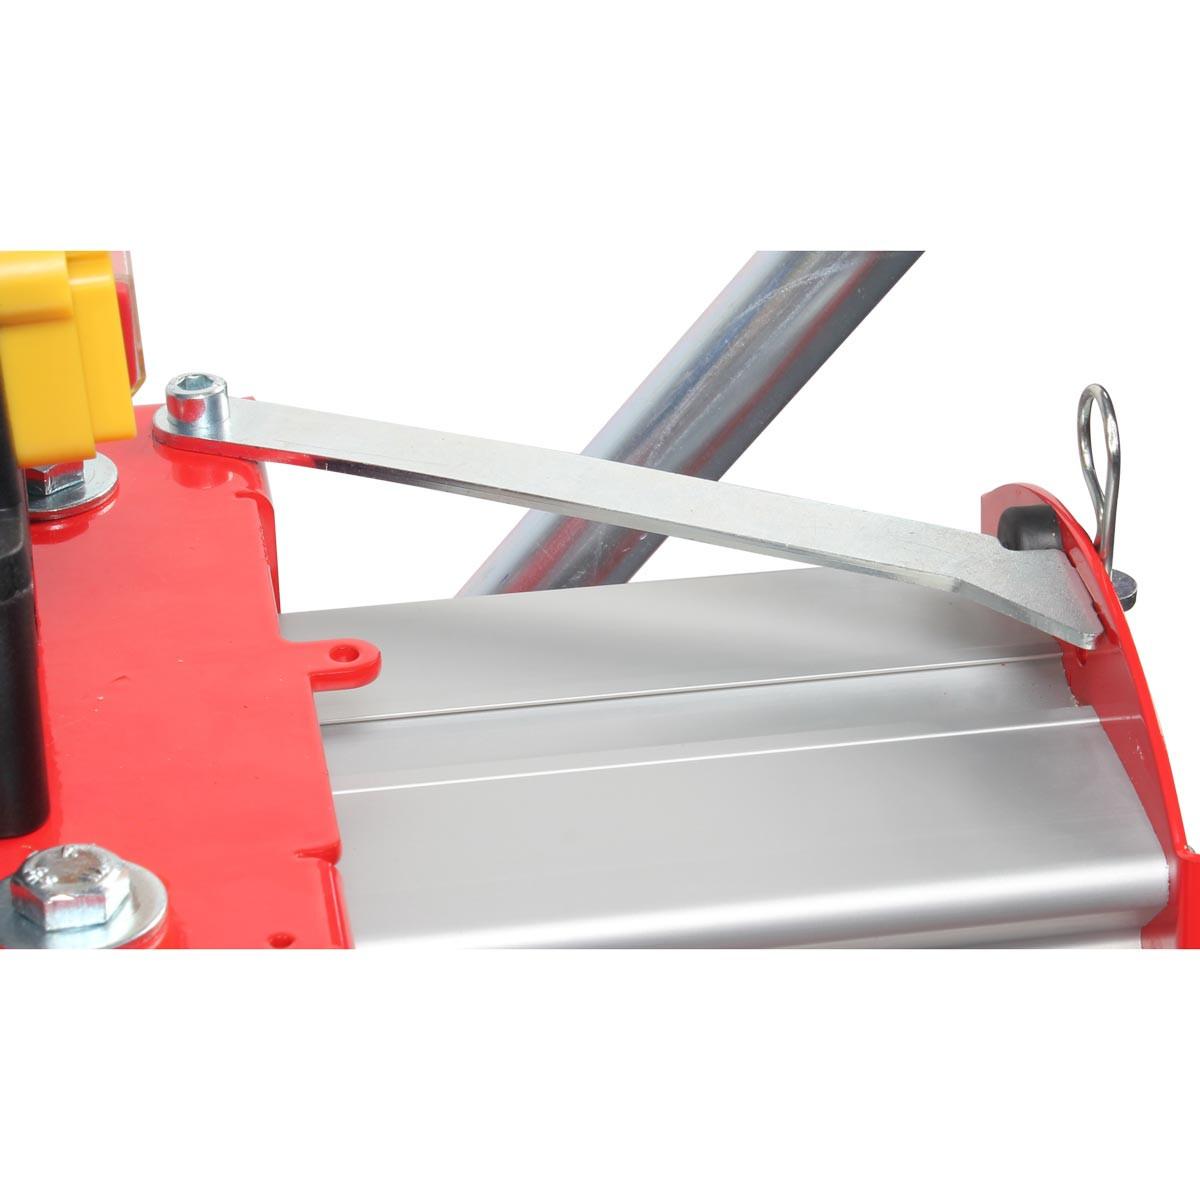 55948 Rubi DC250-1200 rail saw